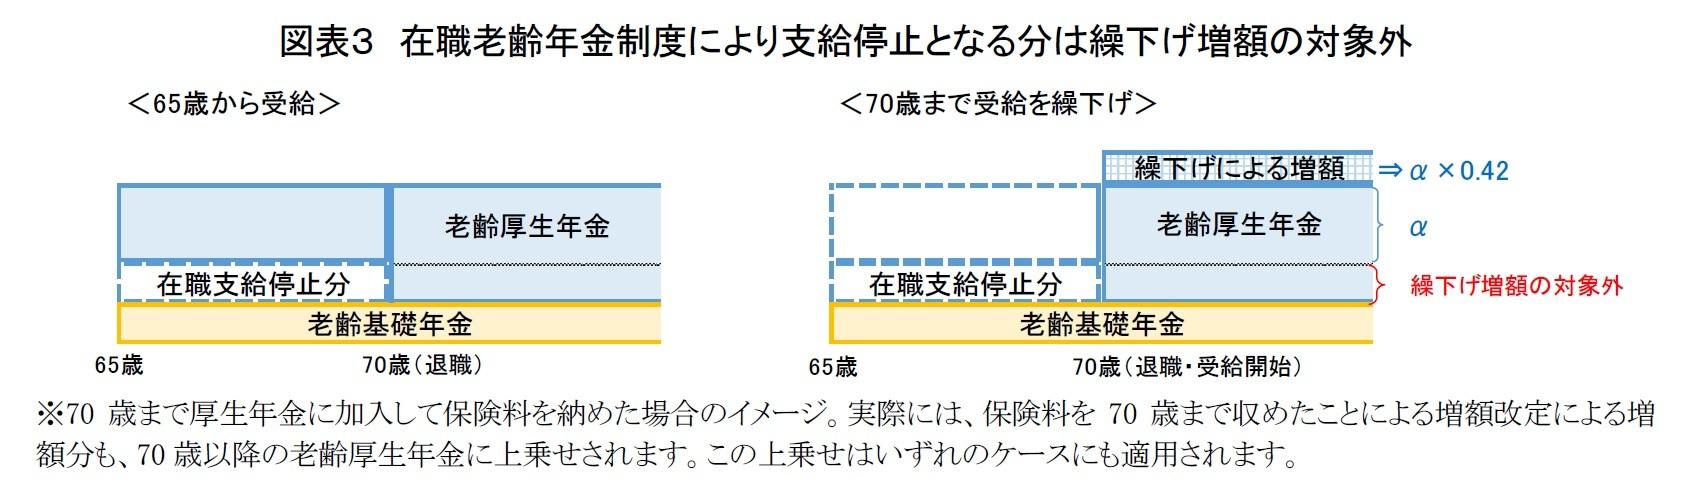 図表3 在職老齢年金制度により支給停止となる分は繰下げ増額の対象外